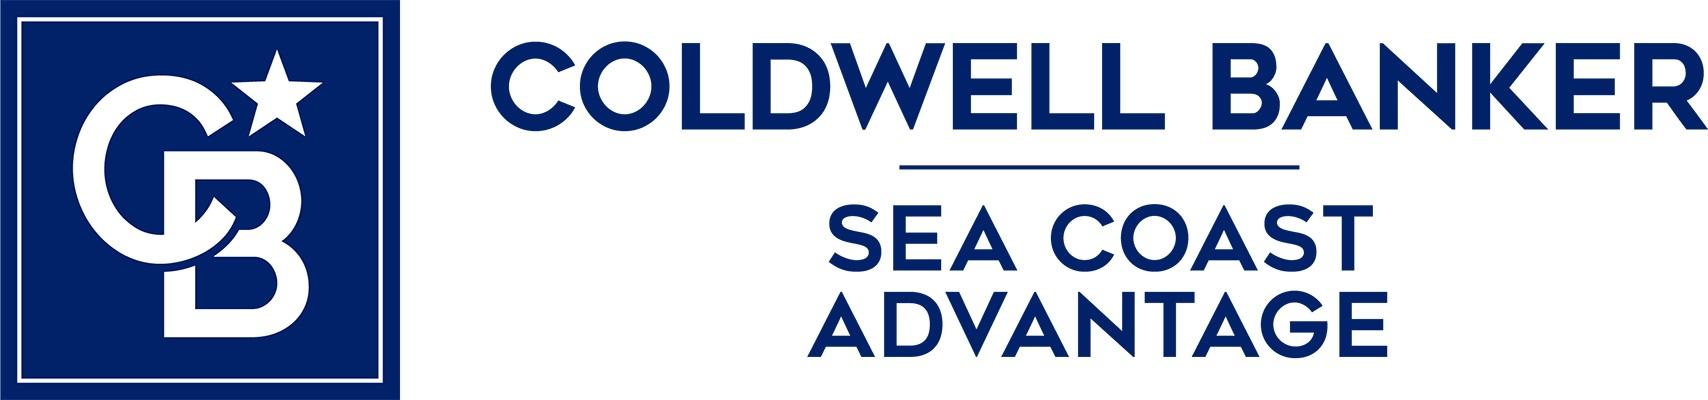 Ginger Harper Real Estate Group - Coldwell Banker Sea Coast Advantage Logo